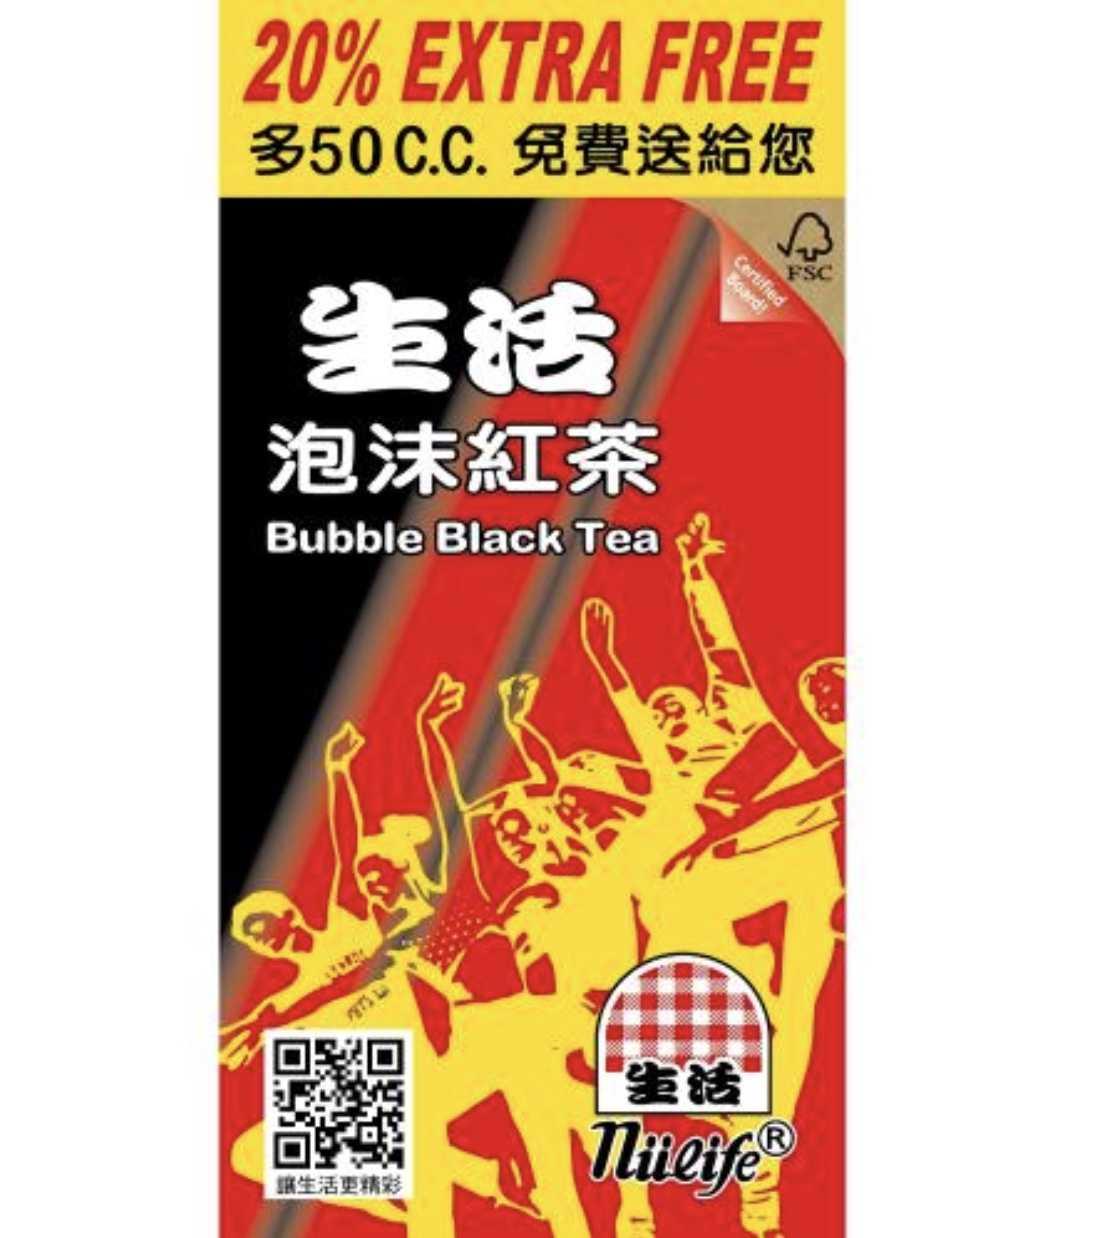 萊爾富 生活泡沫紅茶/泡沫綠茶300ml兌換券